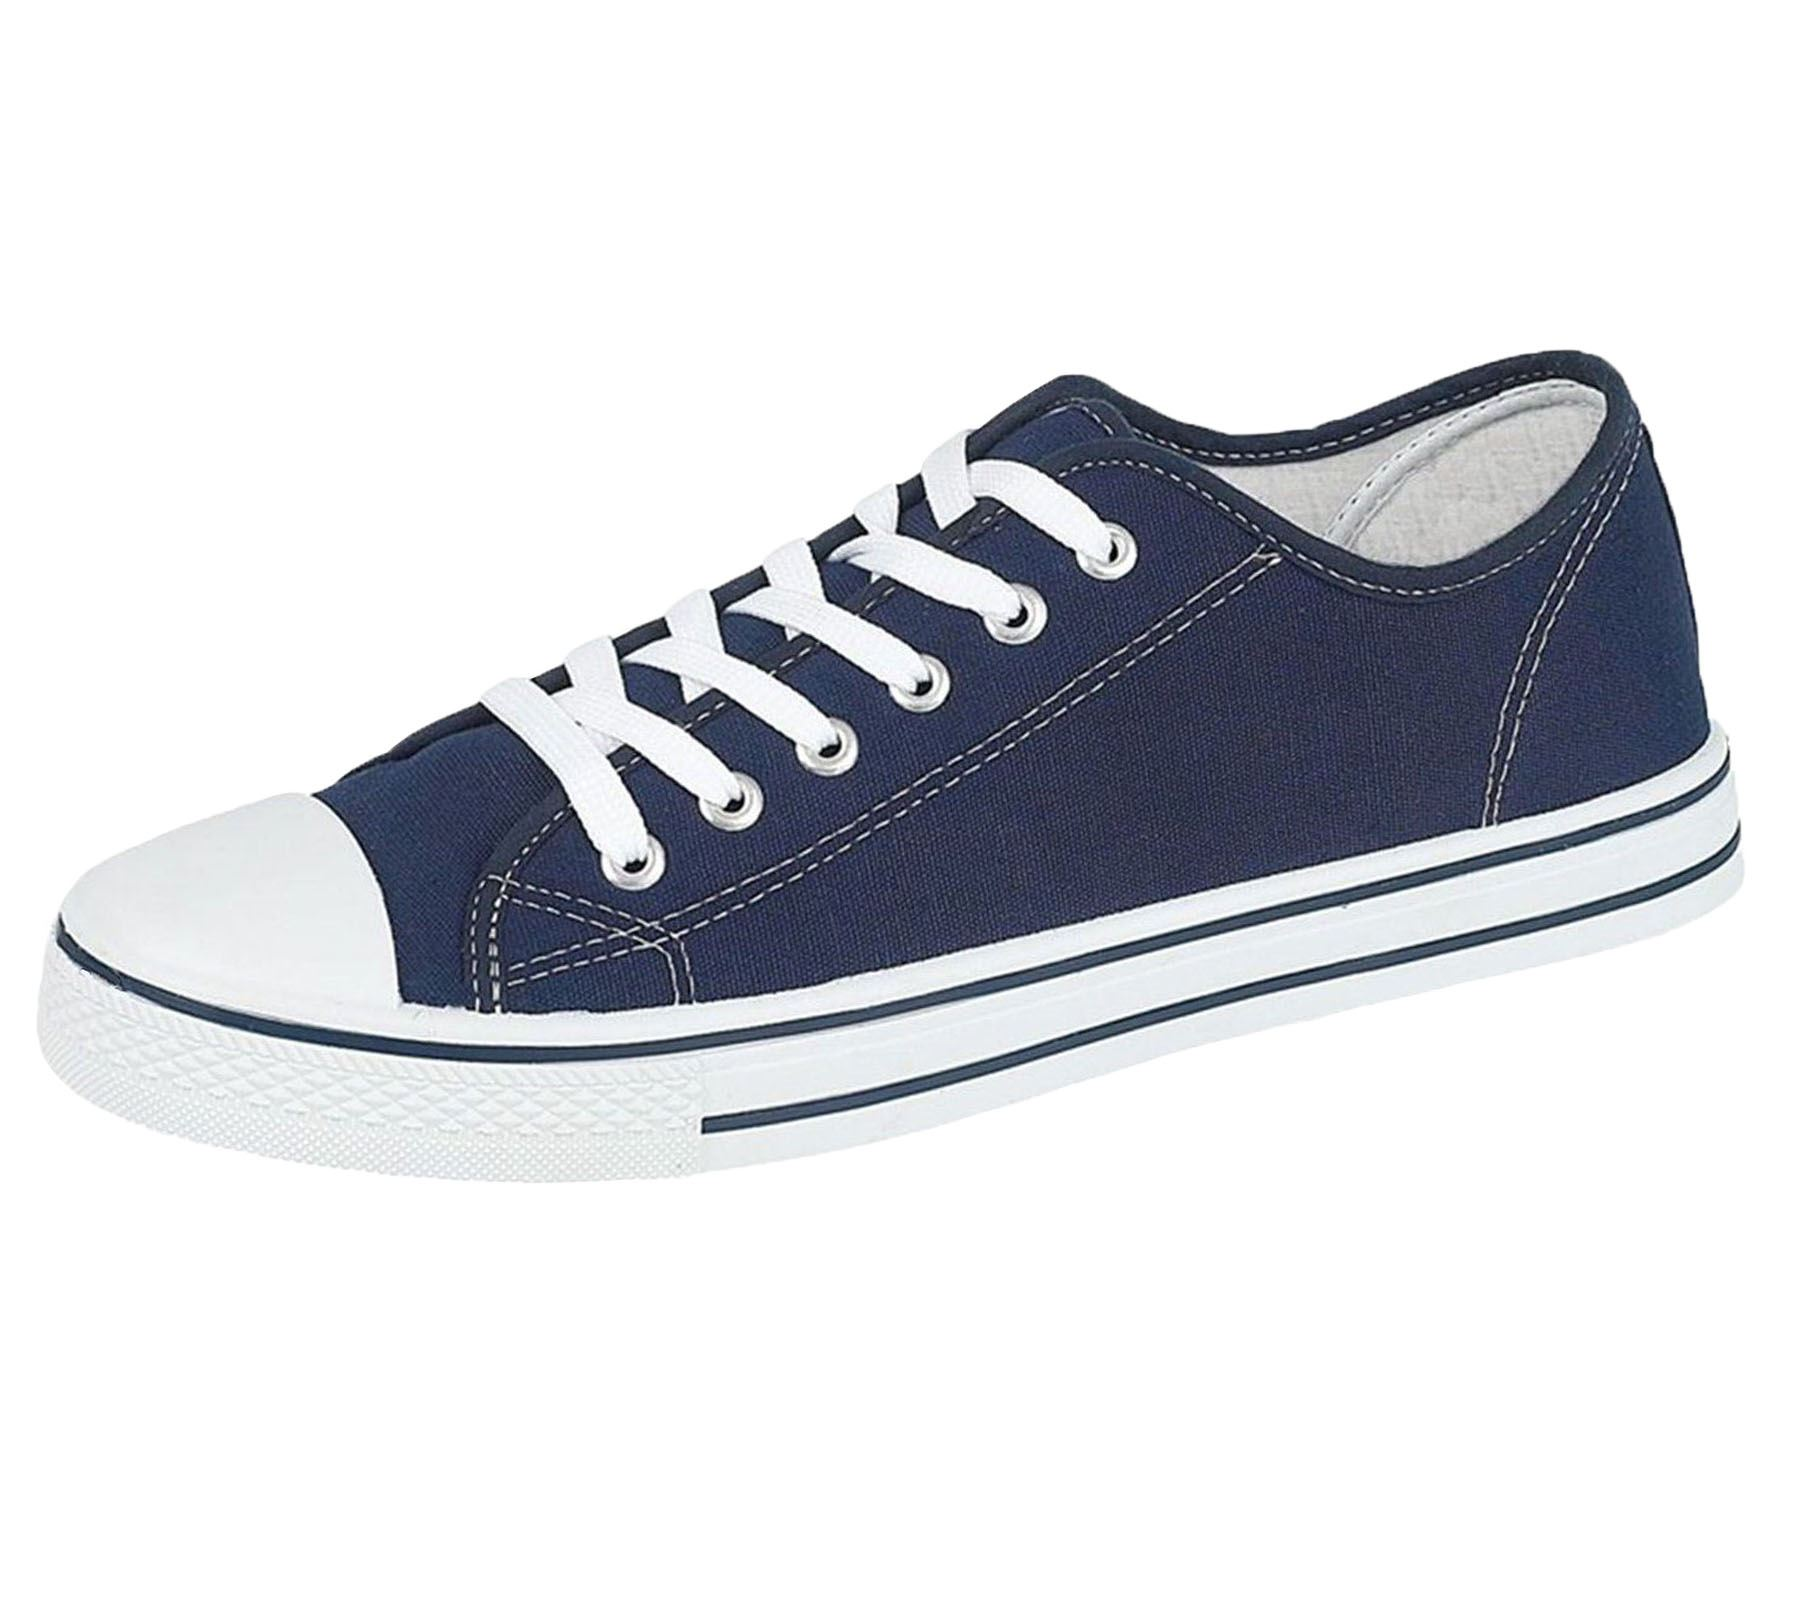 Mens-Canvas-Shoes-Plimsole-Trainer-Pumps-Lace-Up-Flat-Shoes thumbnail 24